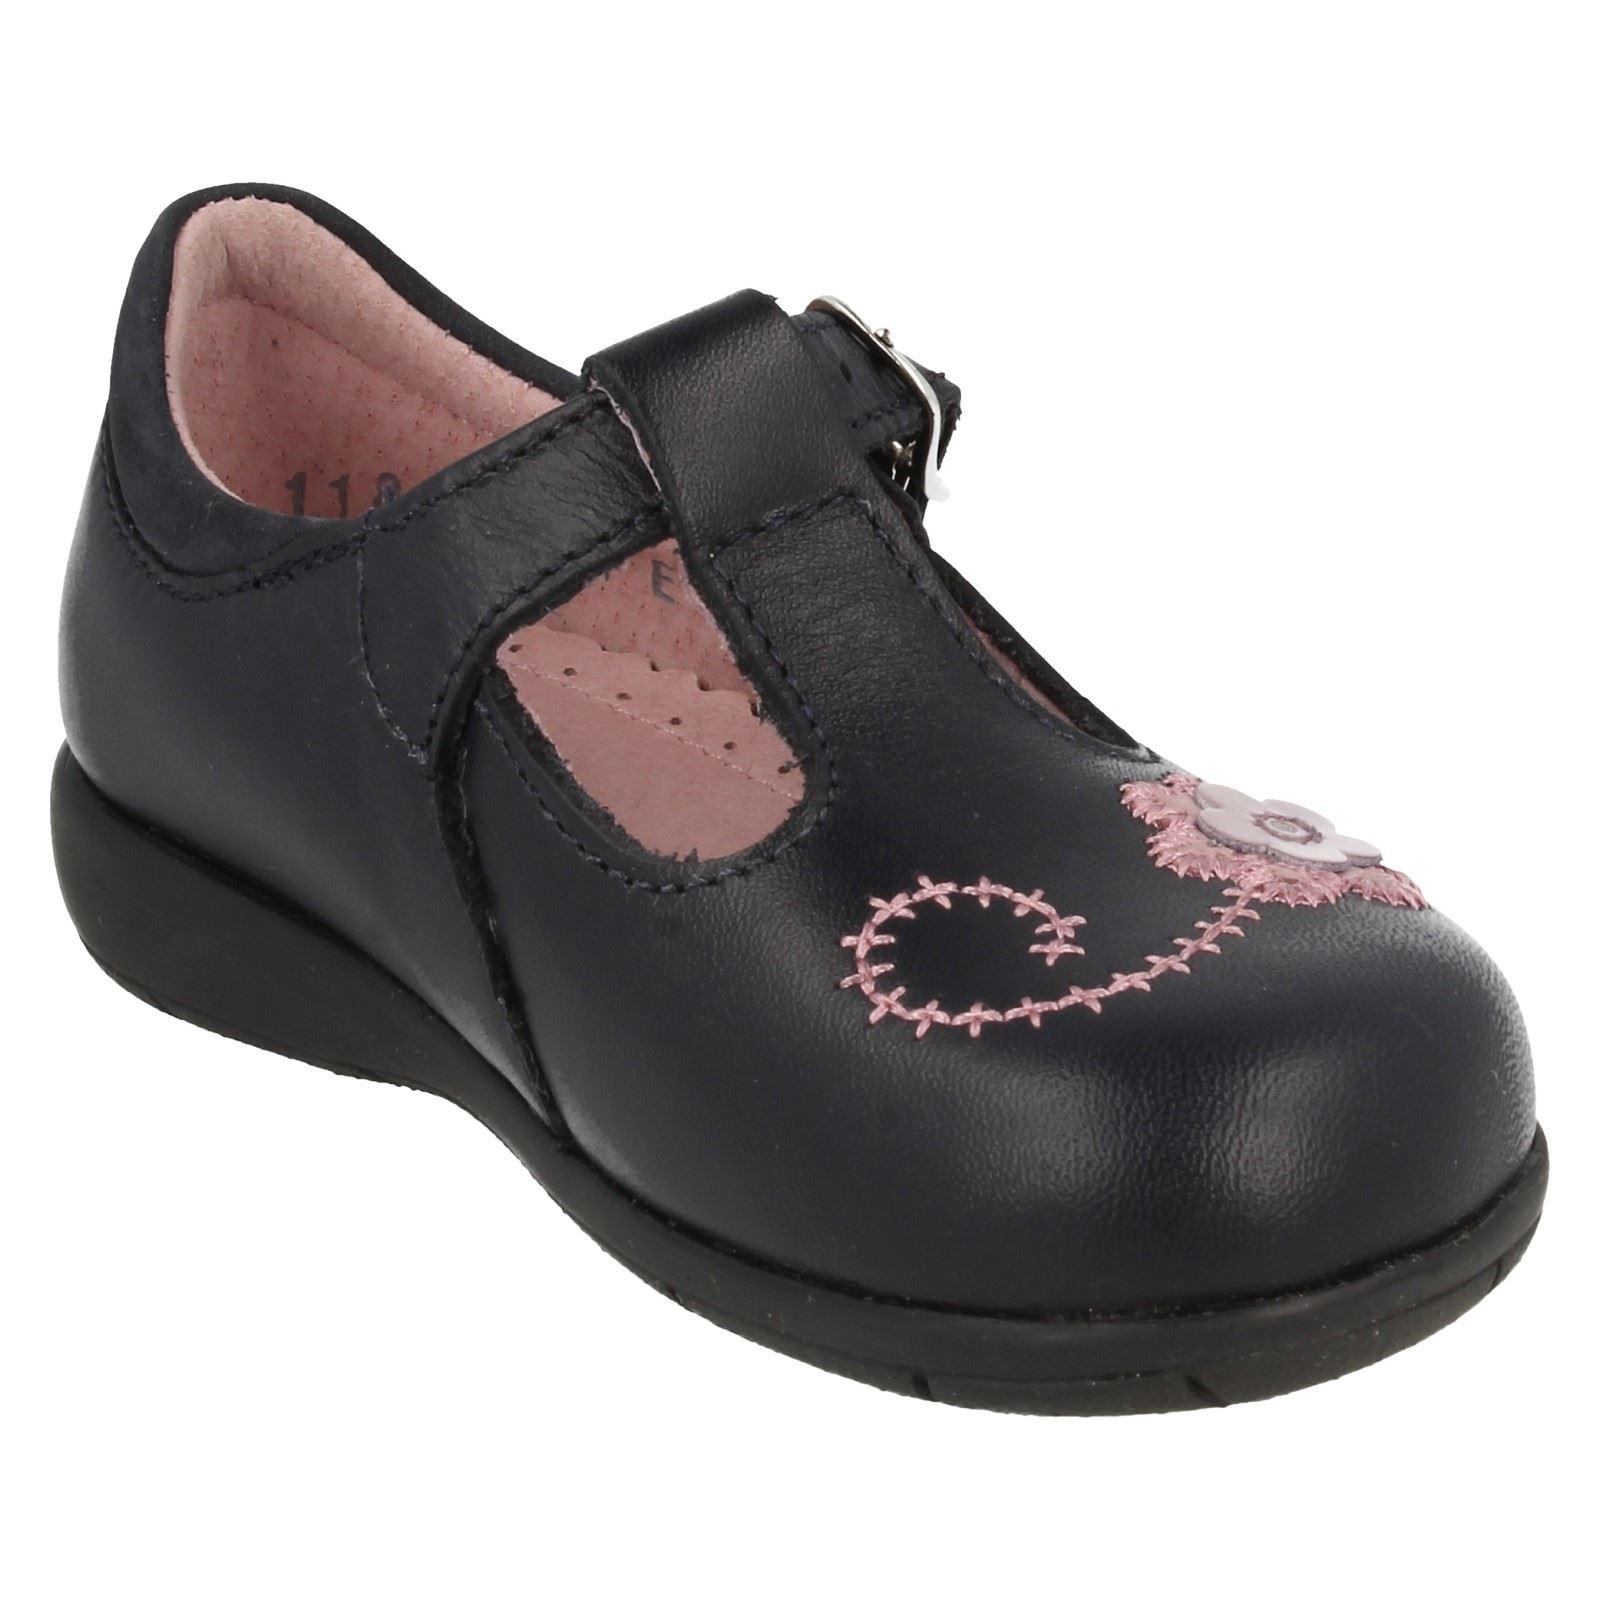 Girls Startrite Formal T-Bar Shoes Iris